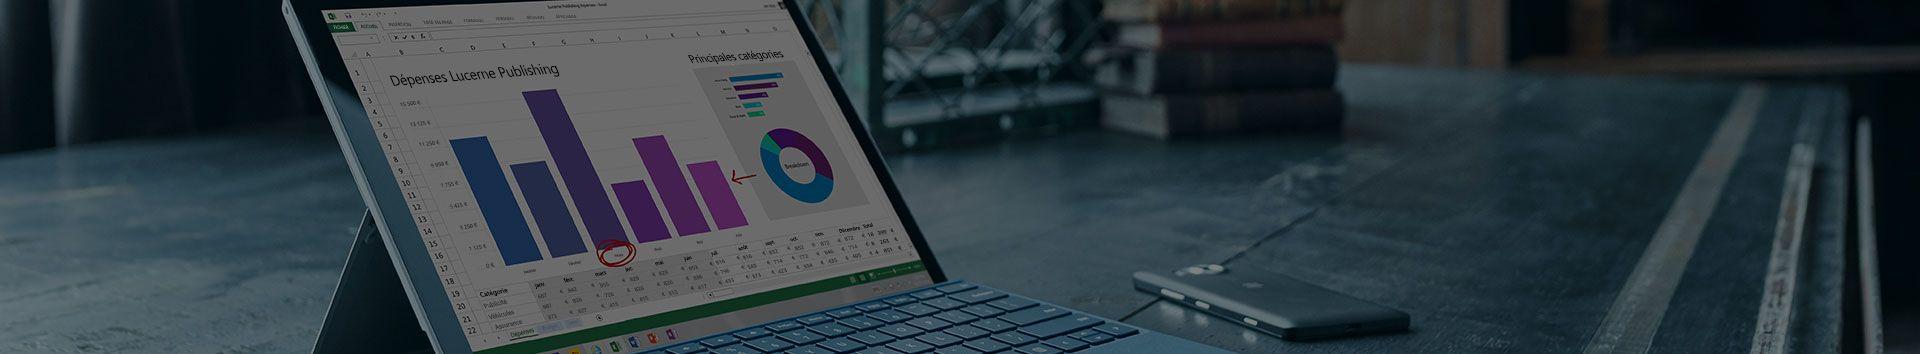 Tablette Microsoft Surface avec une note de frais dans Microsoft Excel